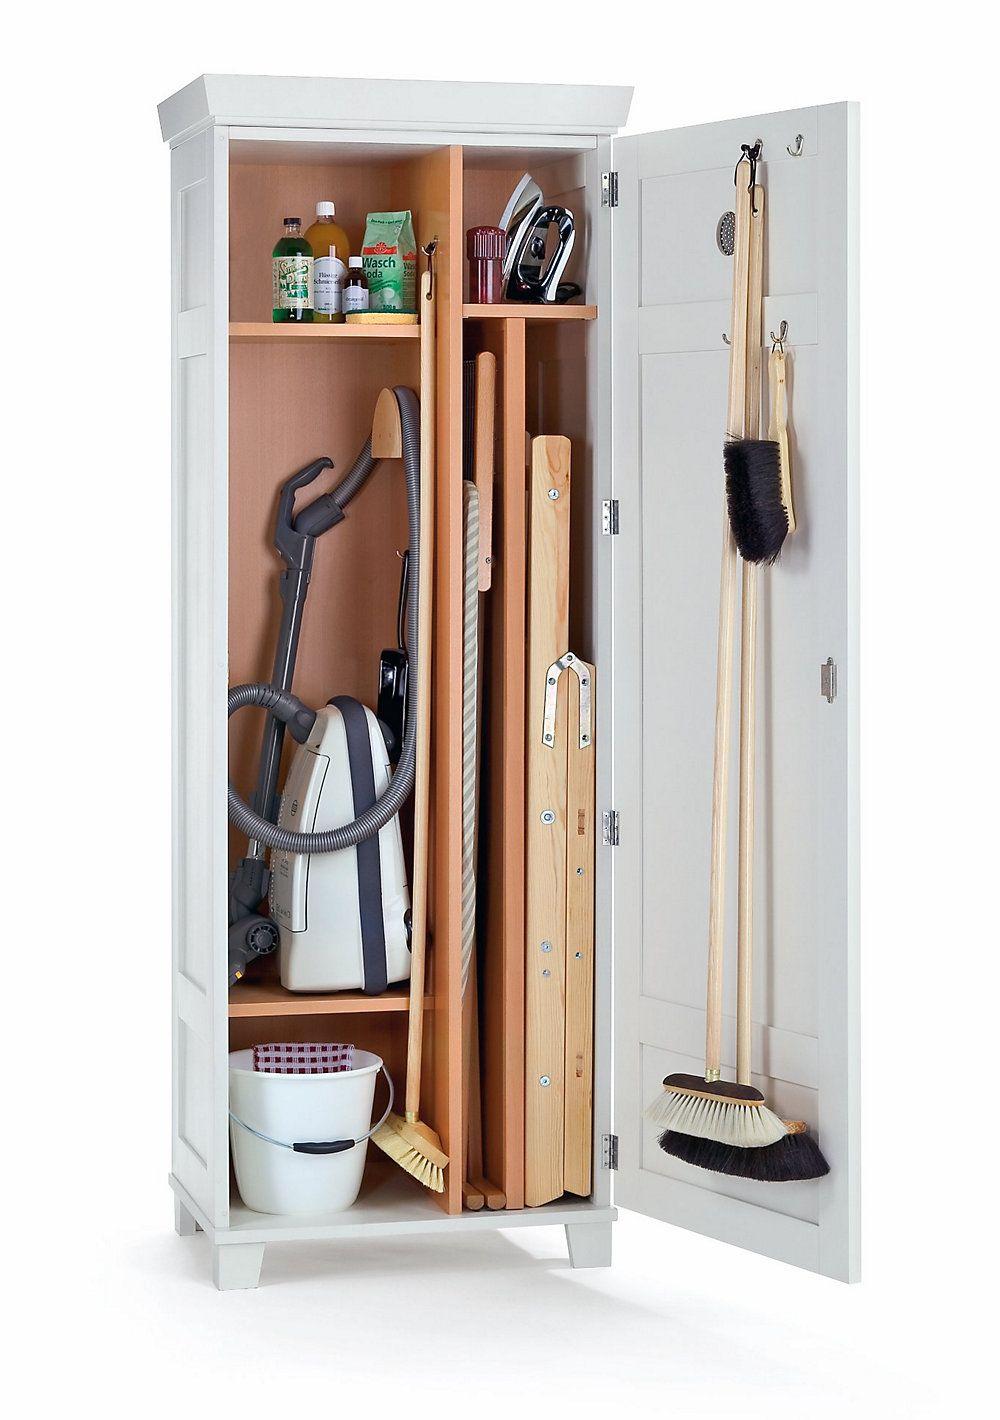 manufactum besenschrank buchenholz | kitchen decorspace saving